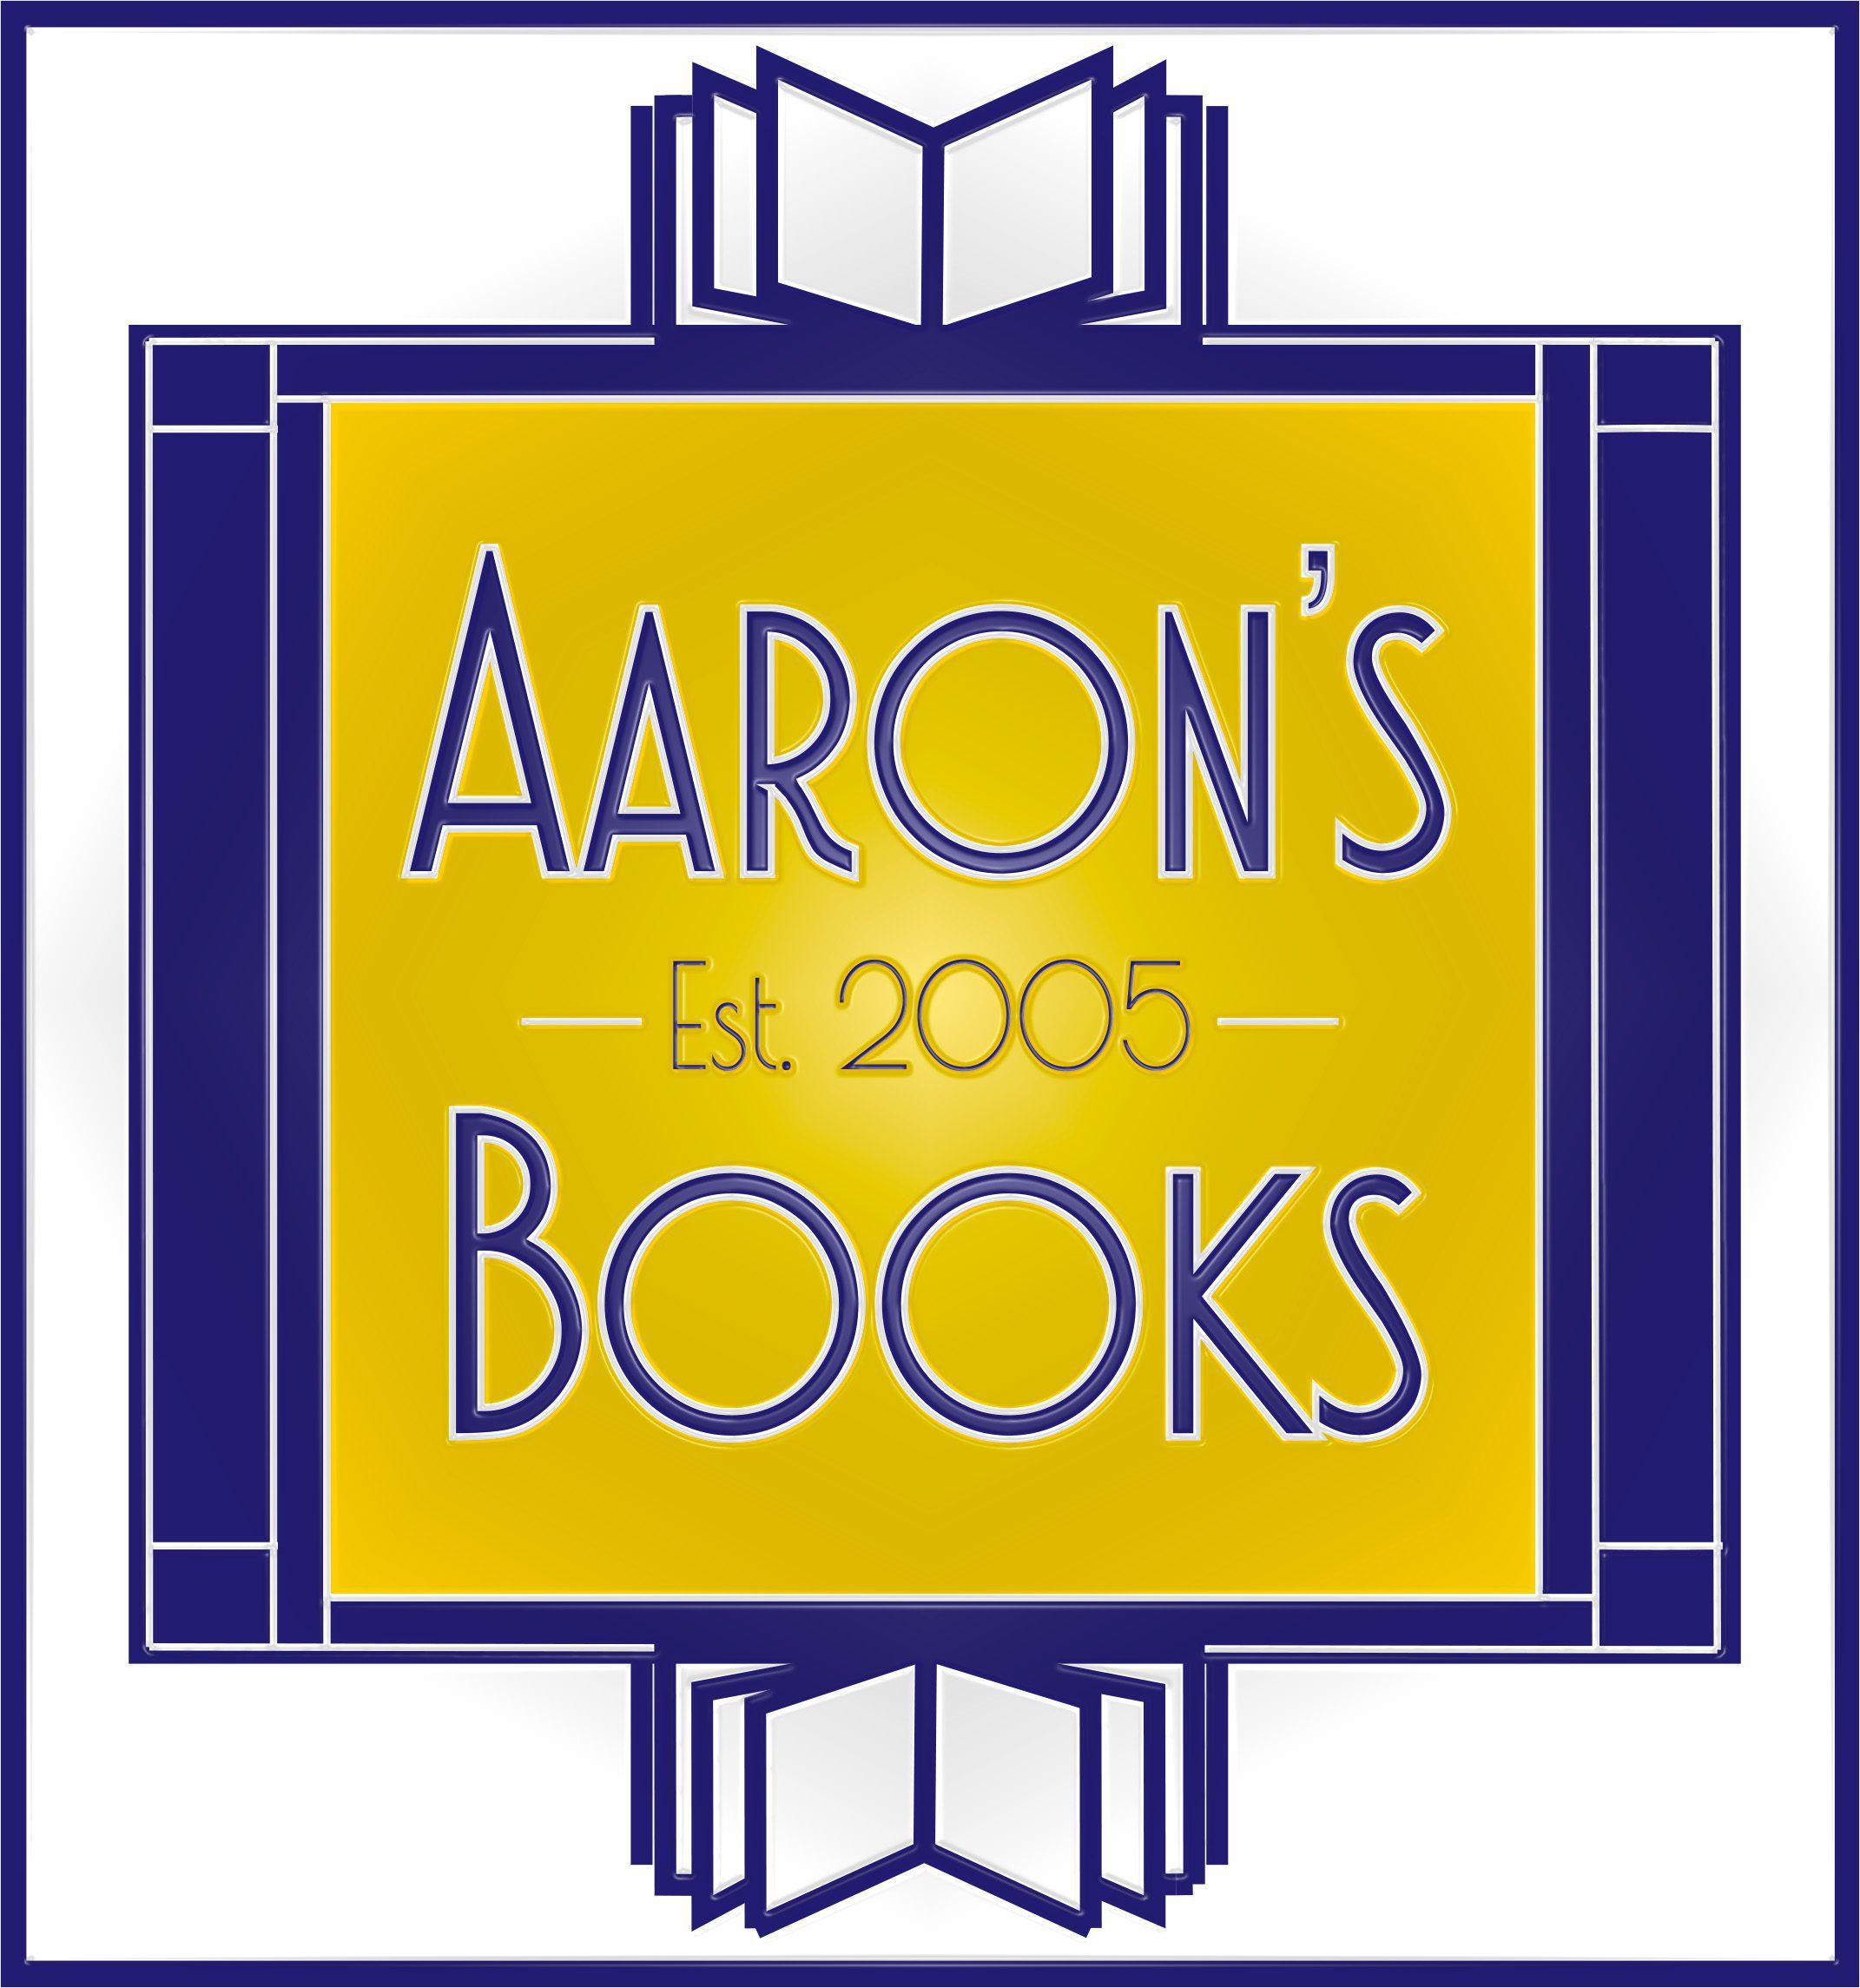 Aaron's Books